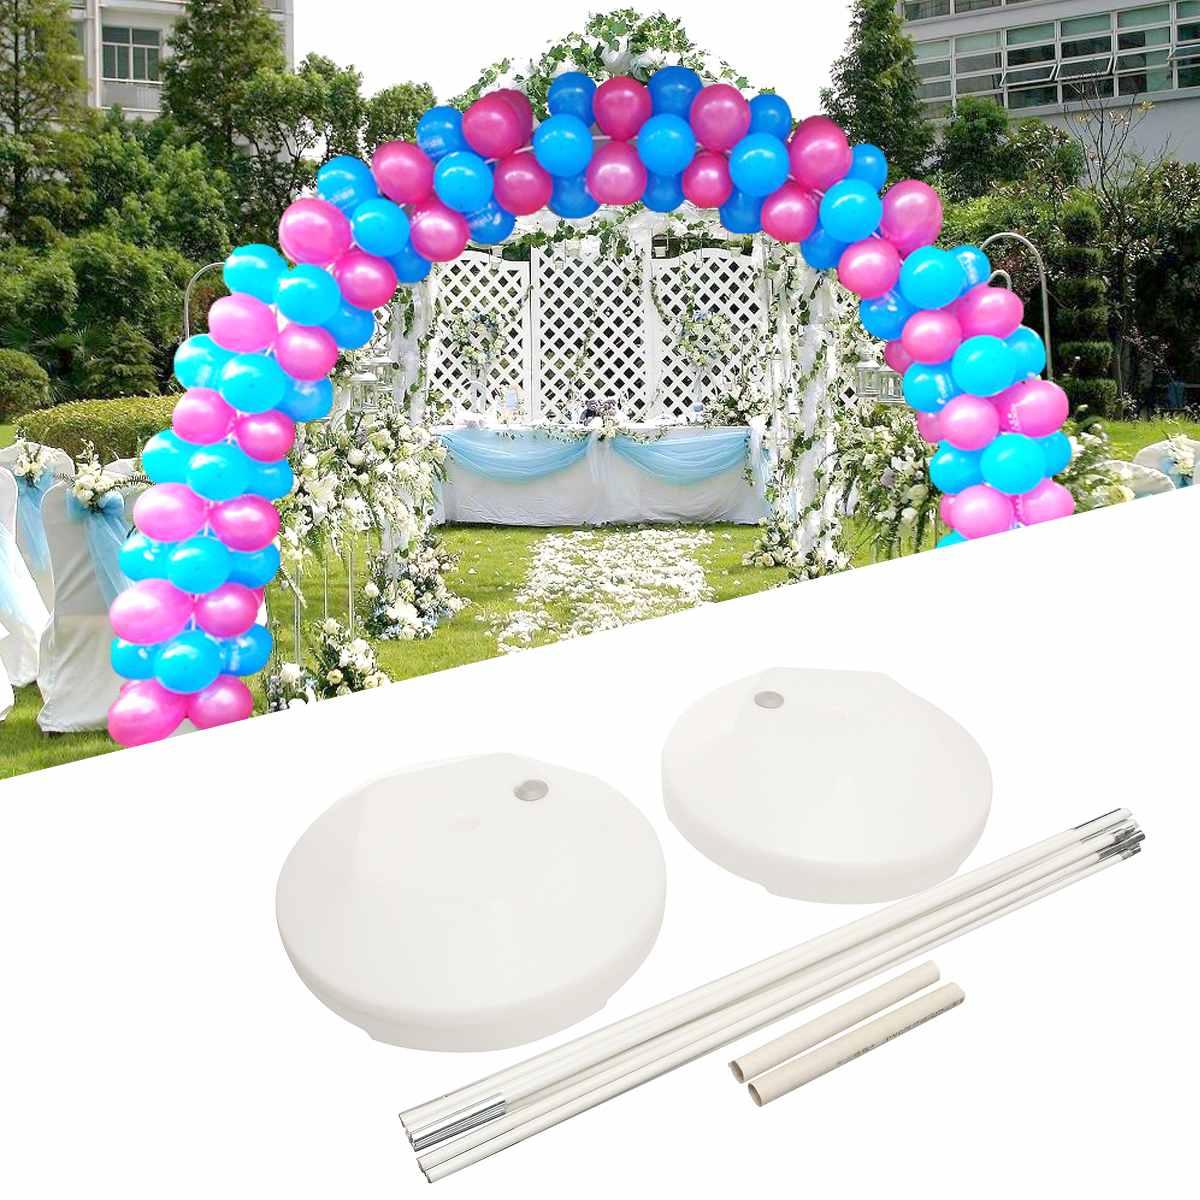 14 pièces arche en Ballons Kit de Fête D'anniversaire De Mariage Grand Ensemble Colonne arche en Ballons Cadre Ballons & Accessoires bricolage fournitures de décoration